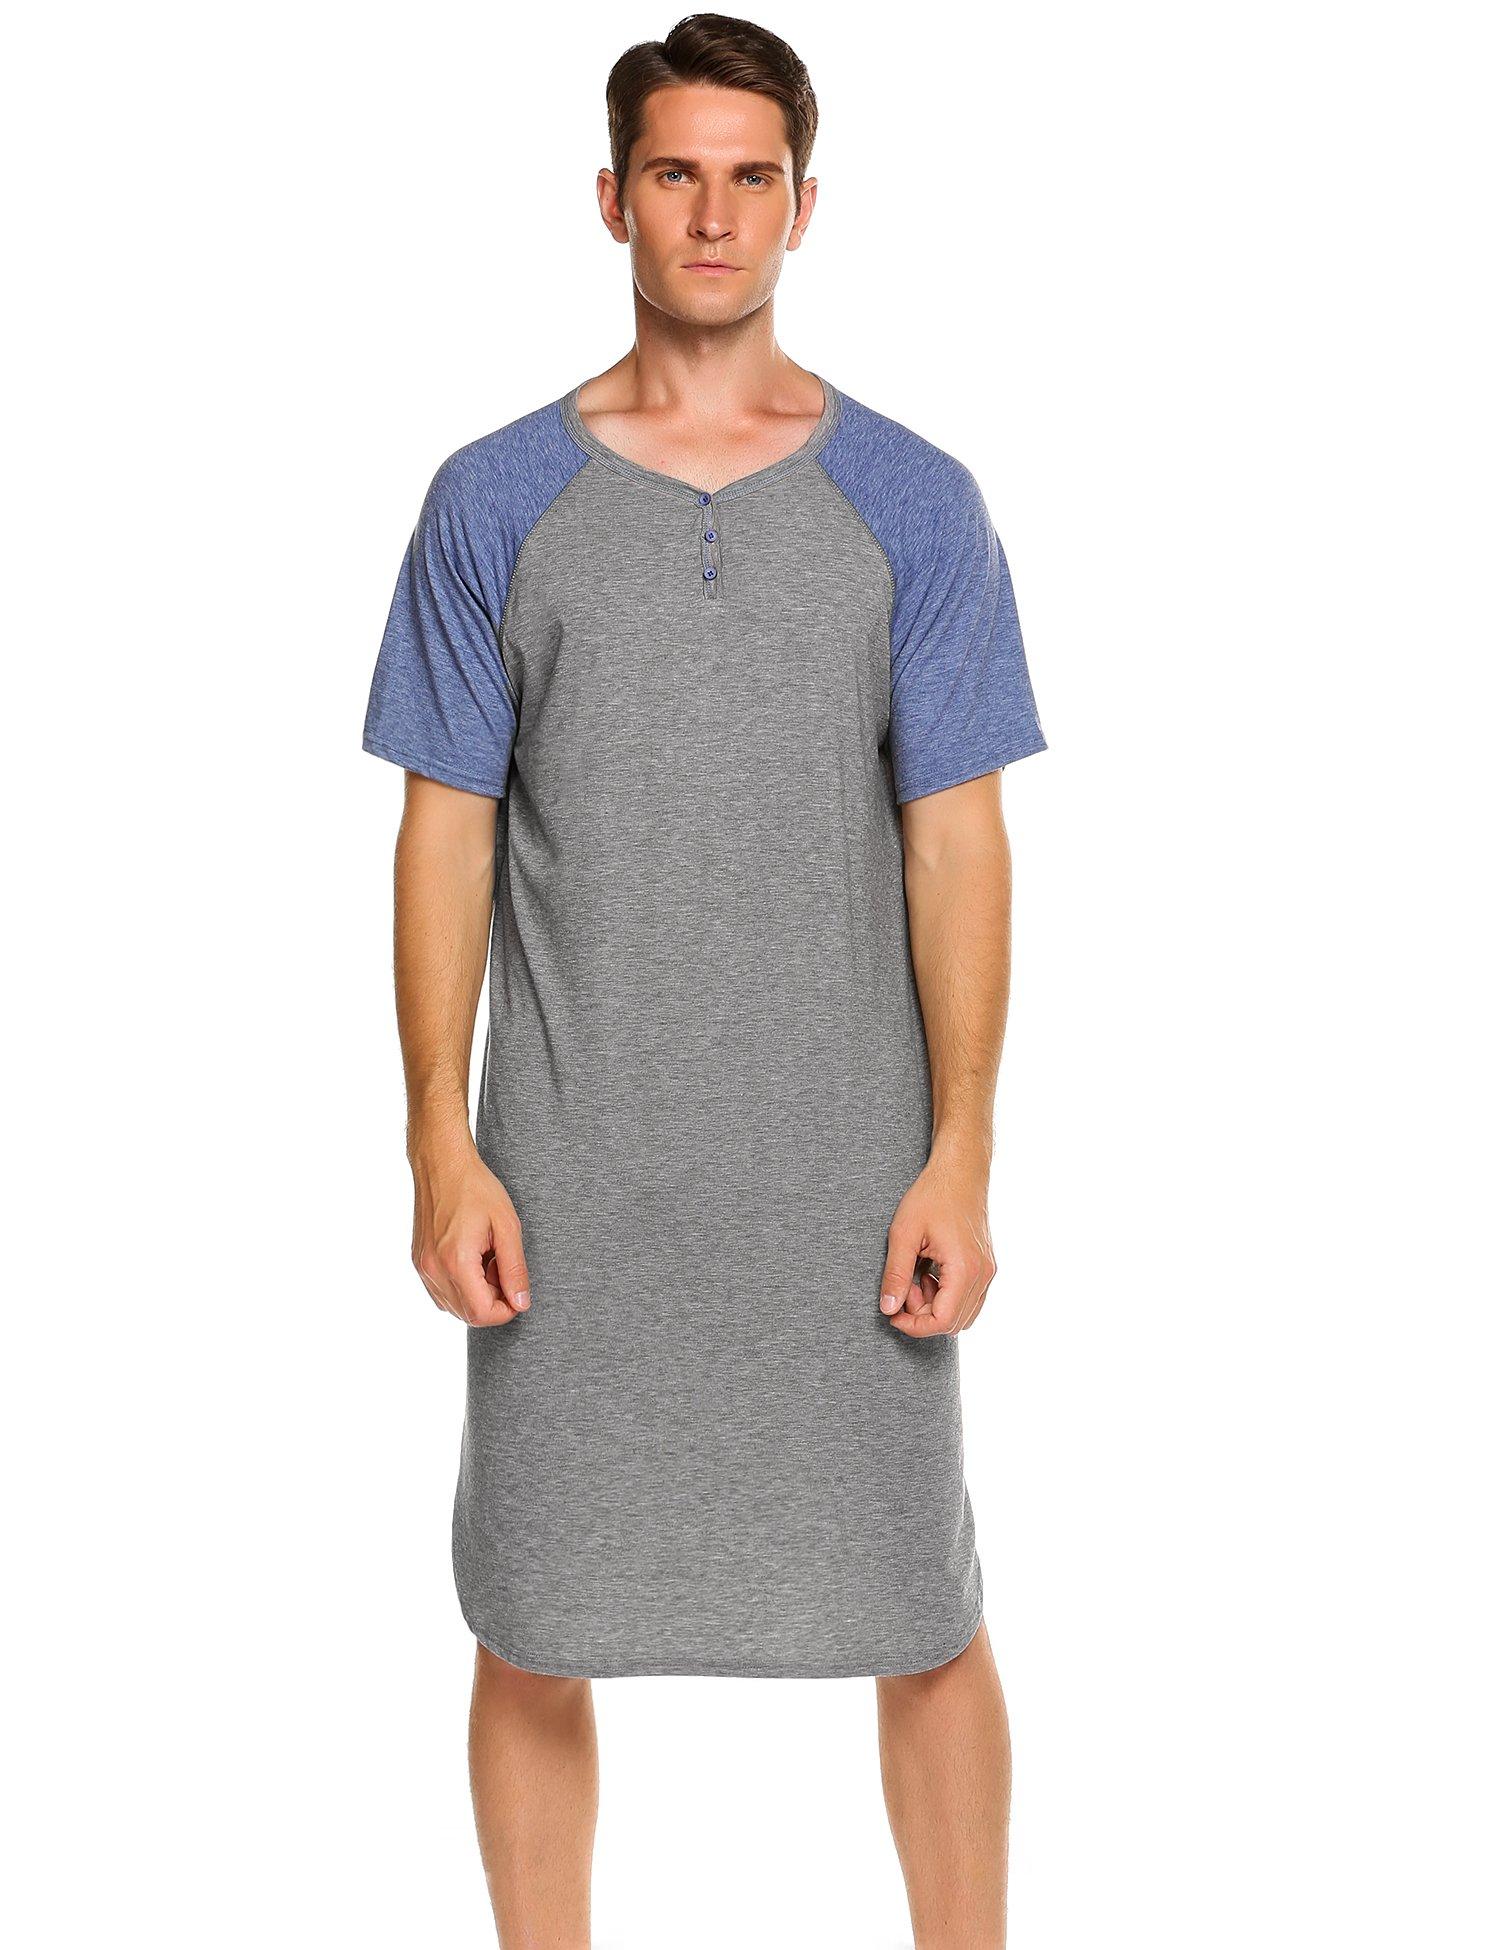 Ekouaer Men's Nightshirts Short Sleeve Nightwear Henley Sleepshirt Kaftan Pajama with Pocket (C-Grey, Medium)